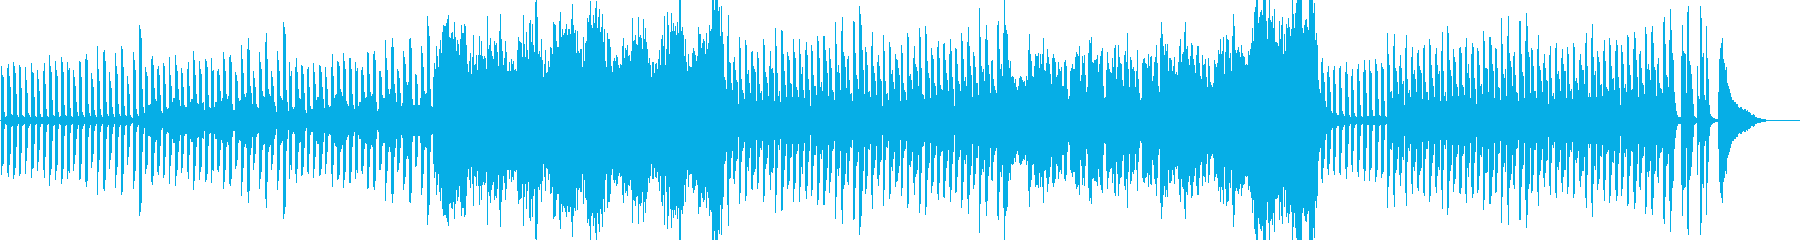 不思議な雰囲気のピアノとクラリネットの再生済みの波形